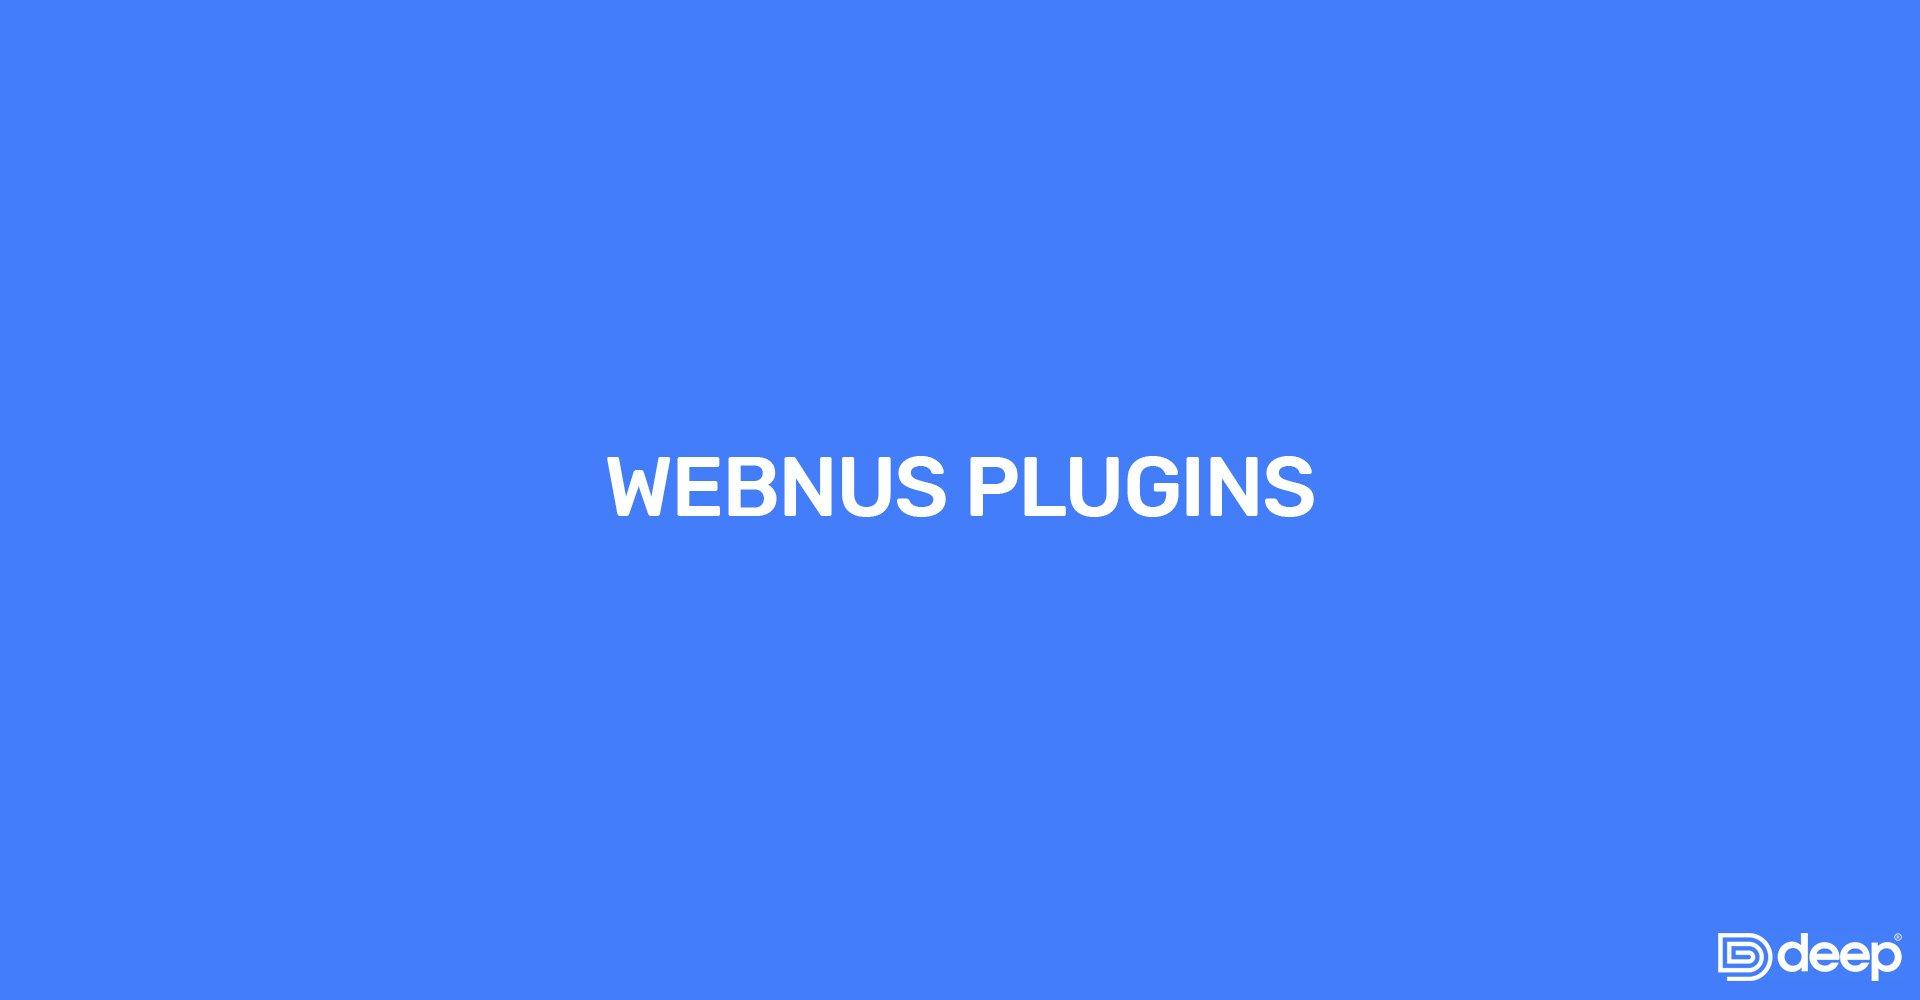 Webnus Plugins